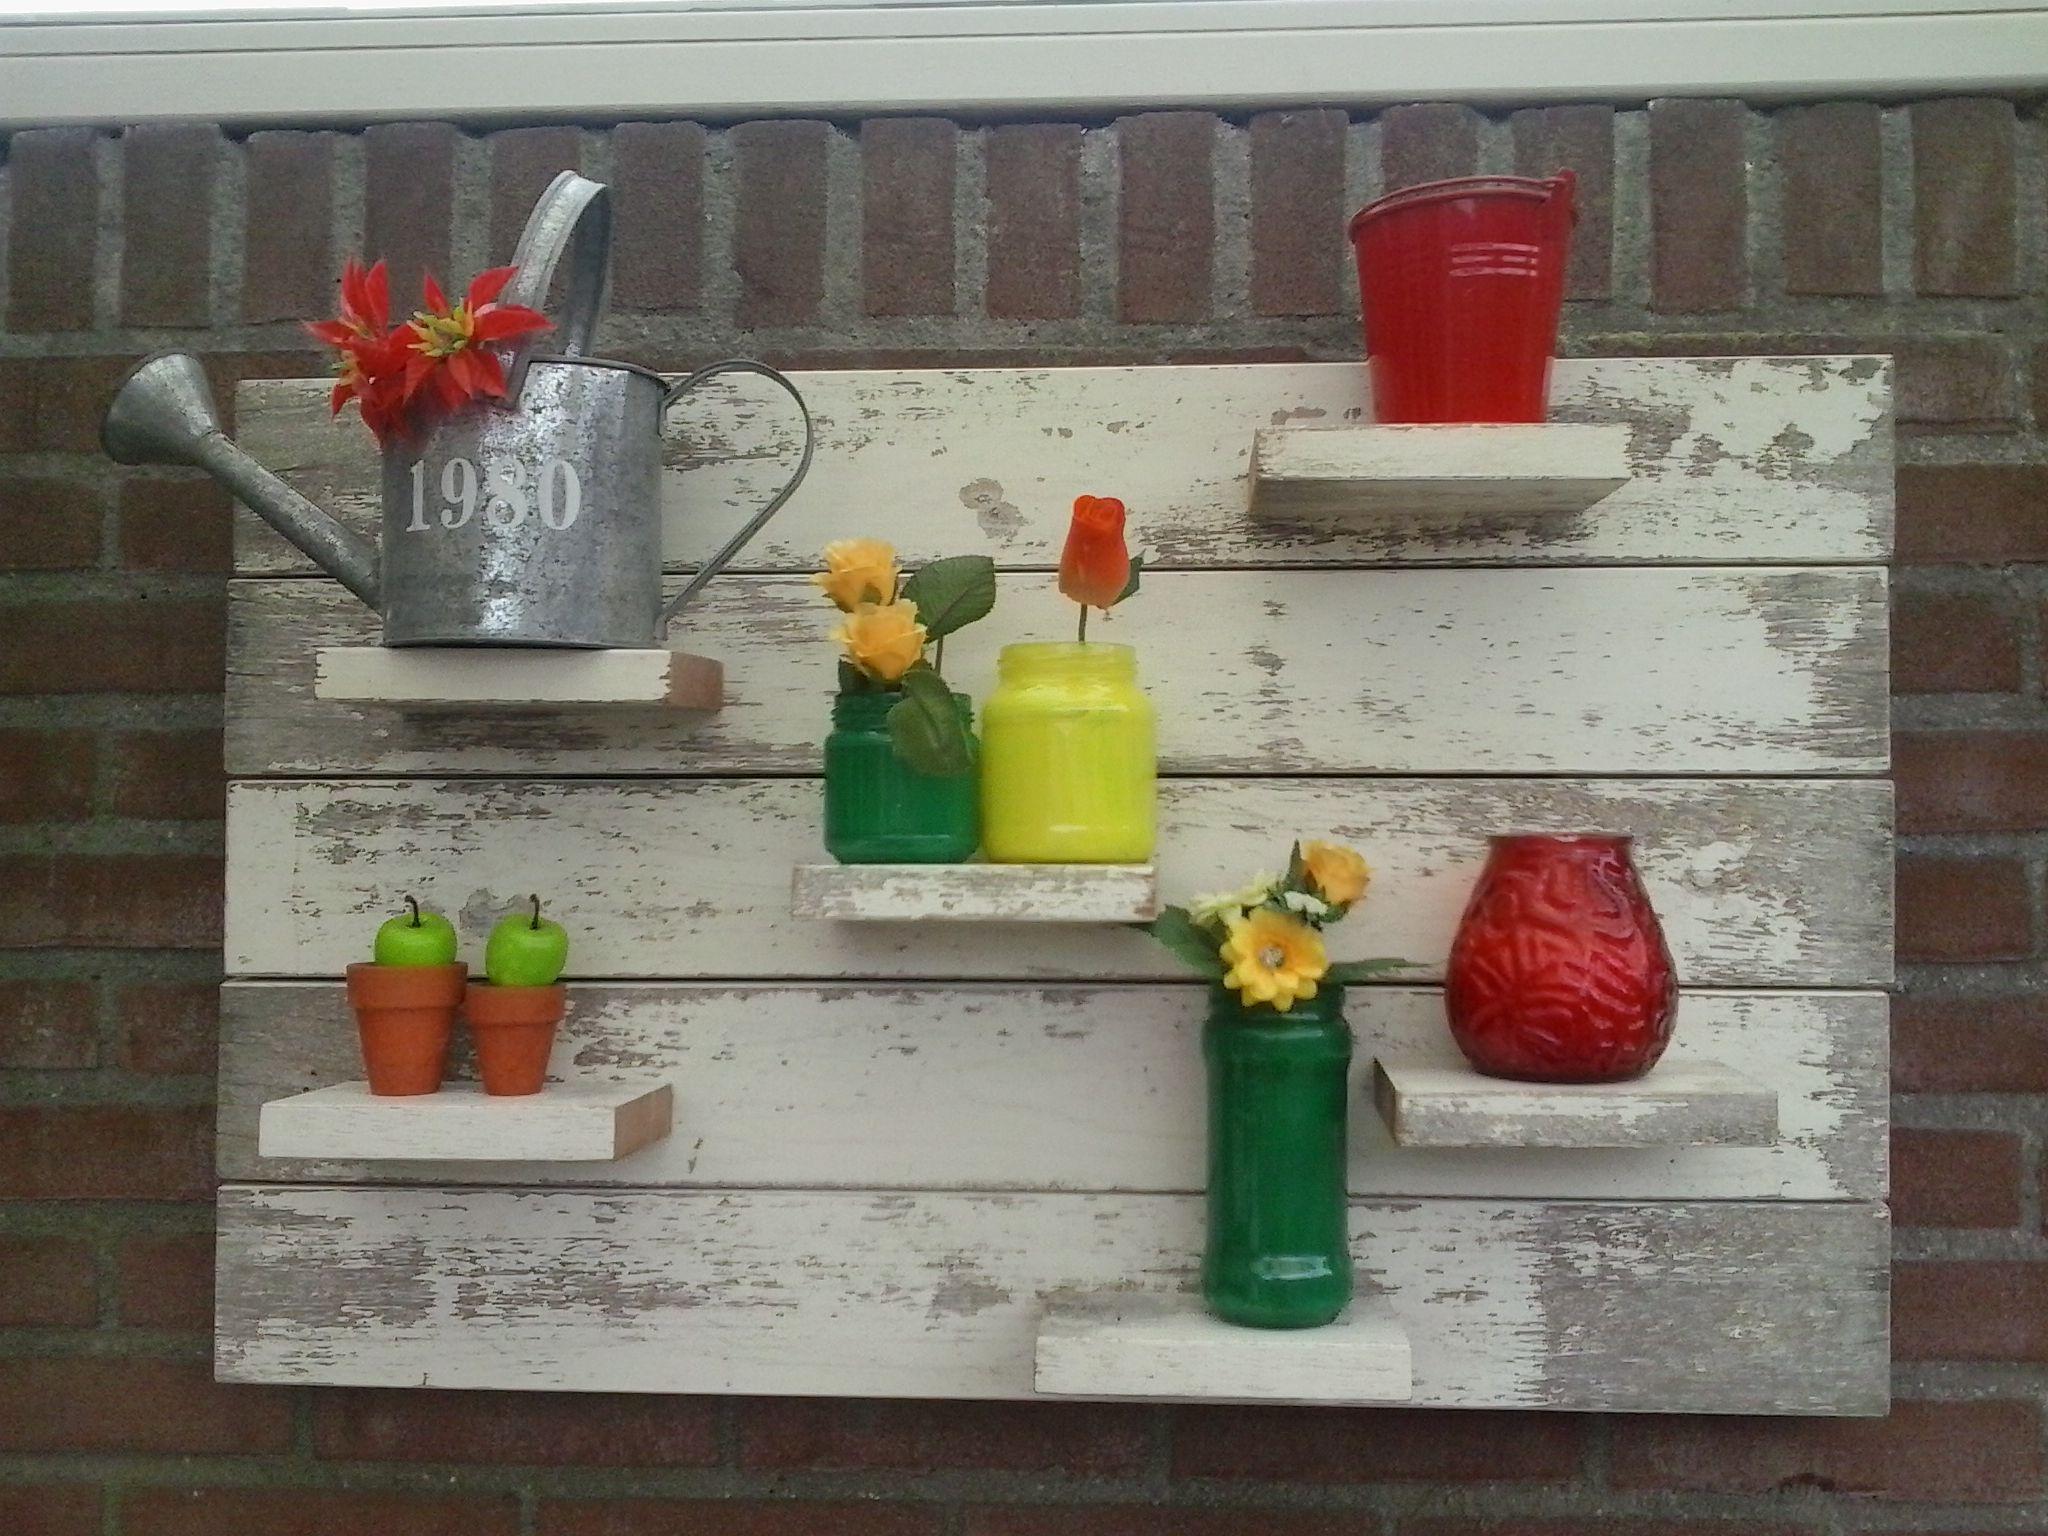 Zelfgemaakt board voor in de tuin! Leuk om af te wisselen met verschillende accessoires! #moederdagtip